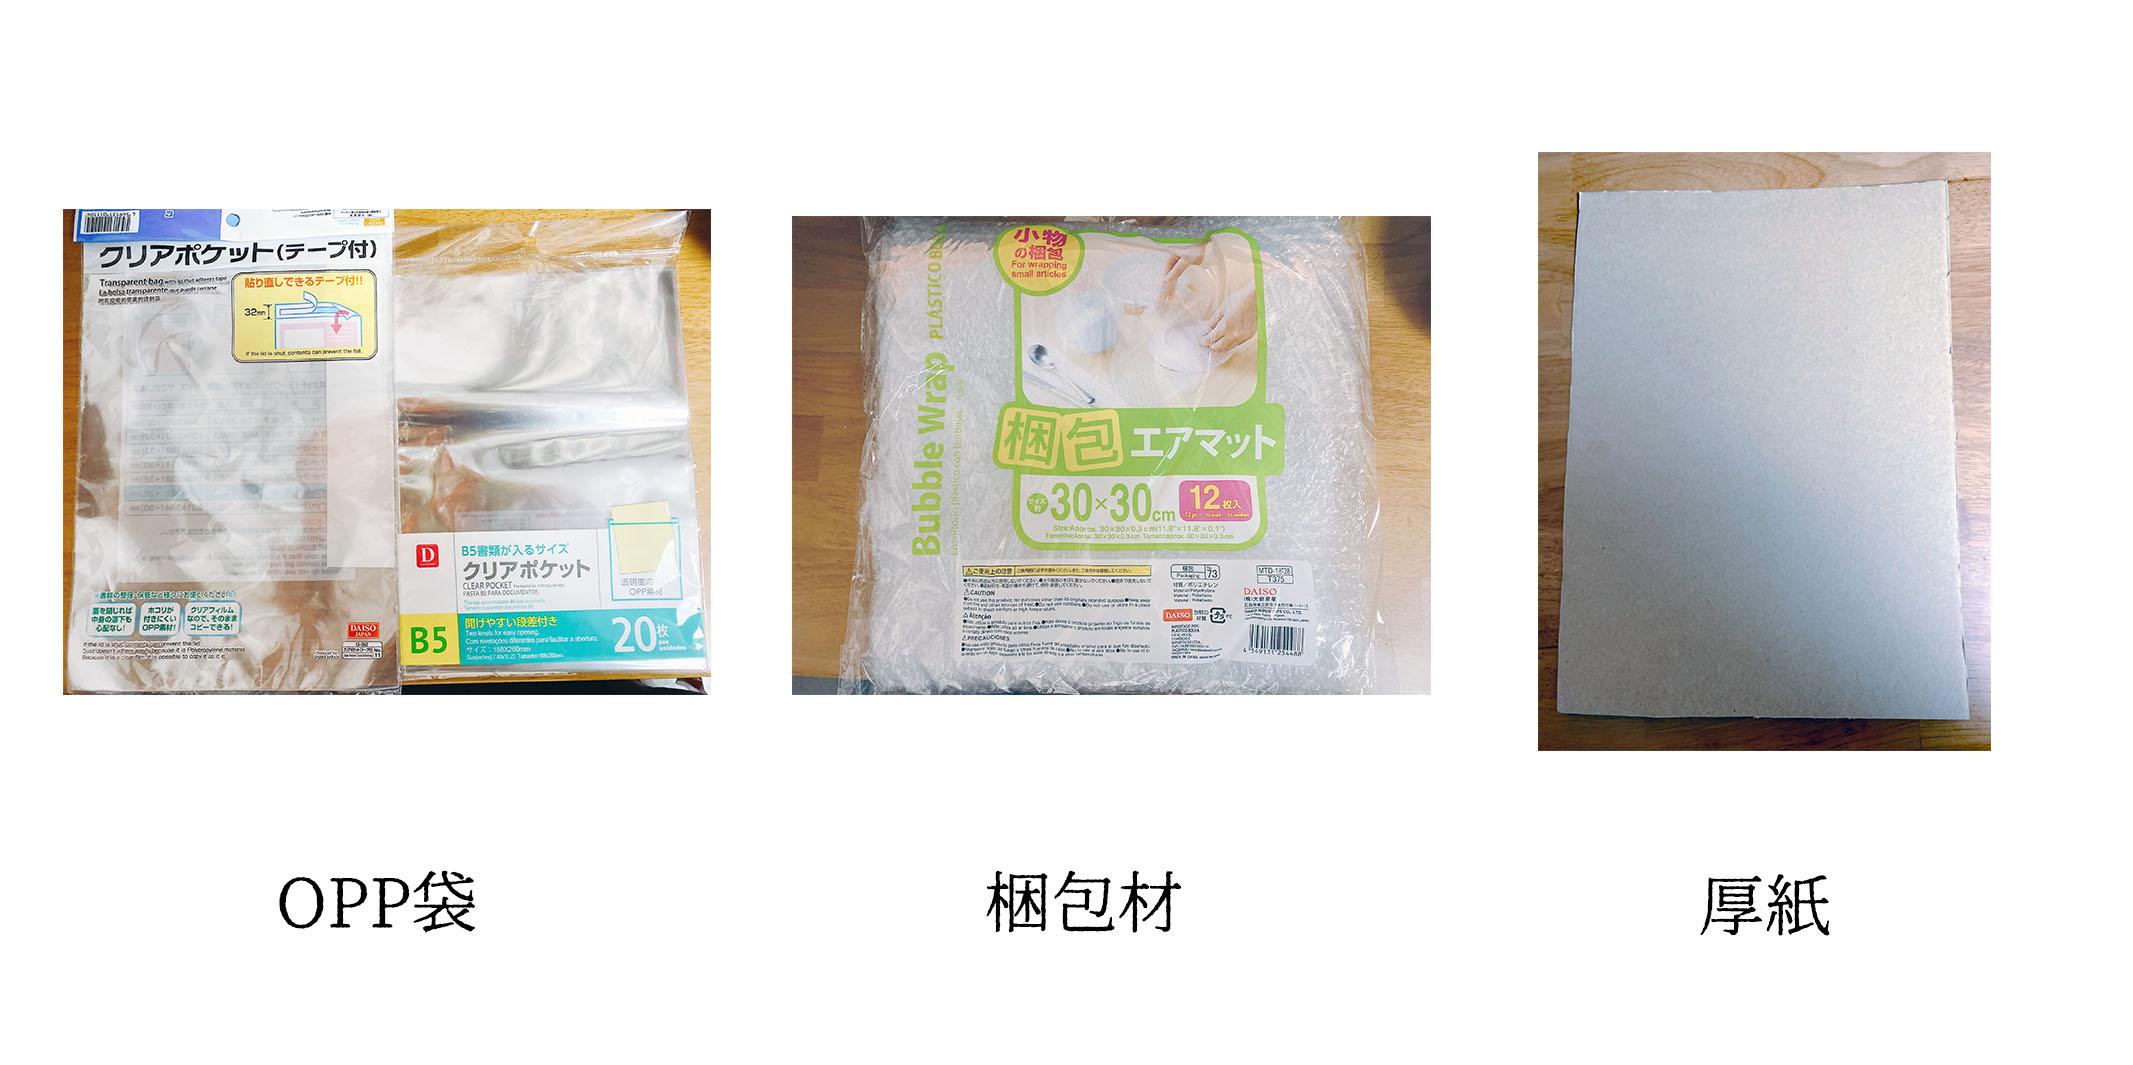 OPP袋 プチプチなどの梱包材 厚紙(薄い本の梱包の場合)